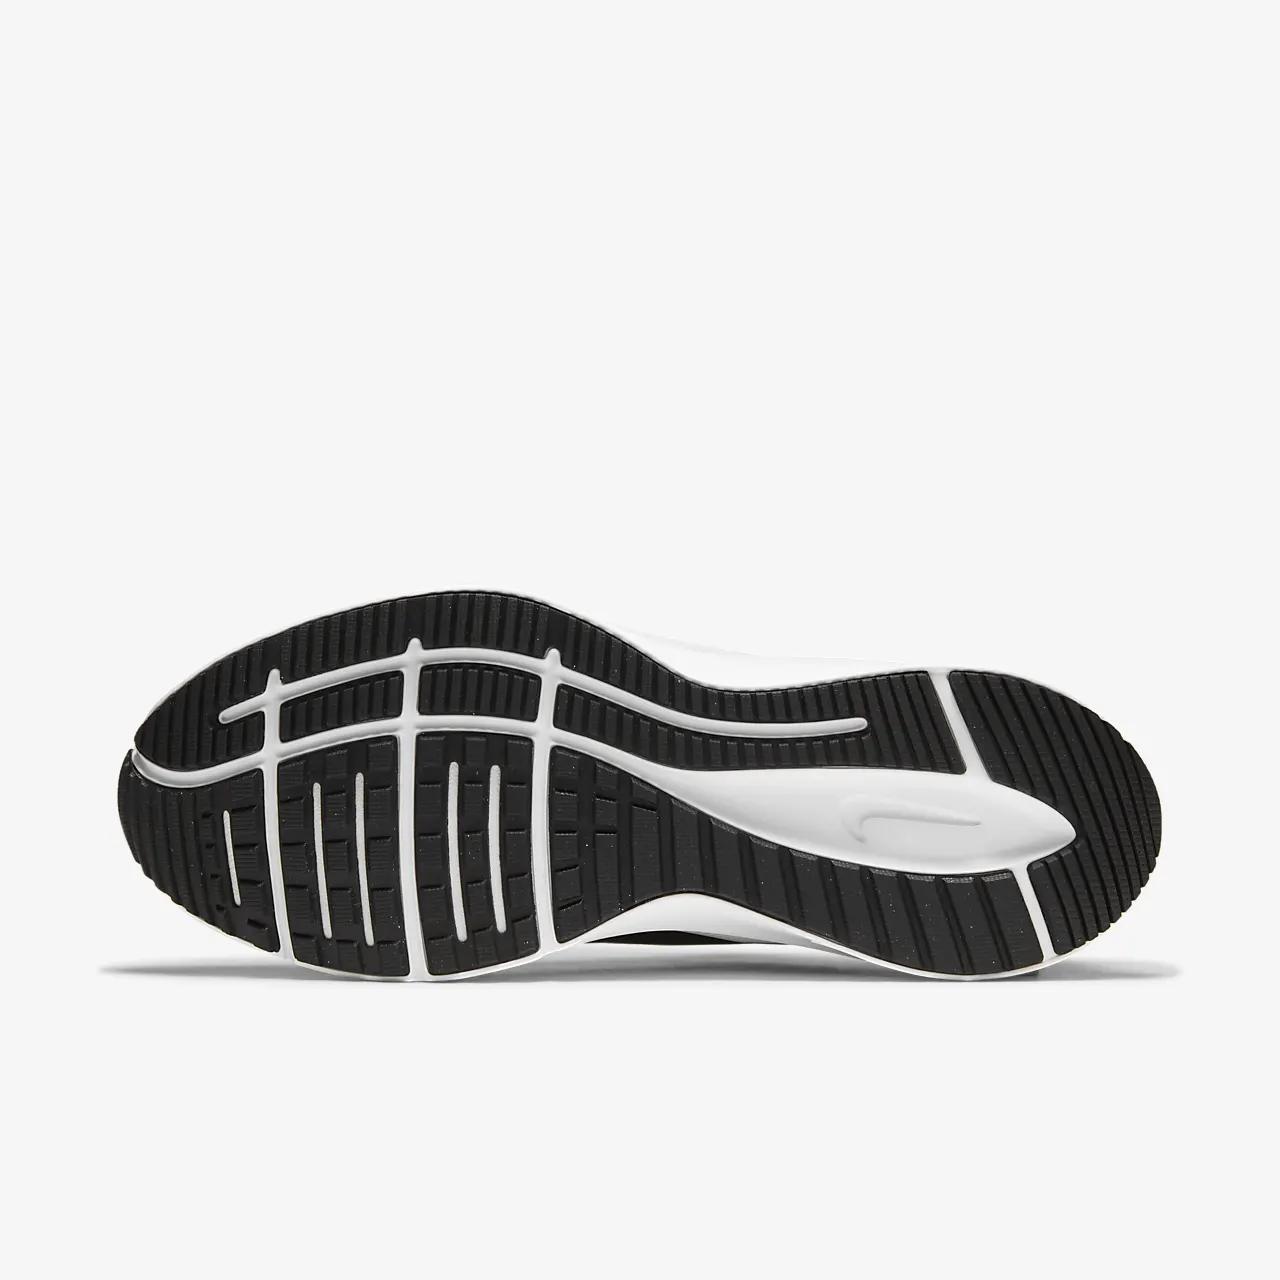 유럽직배송 나이키 NIKE Nike Quest 3 Premium Women's Running Shoe CV0149-001